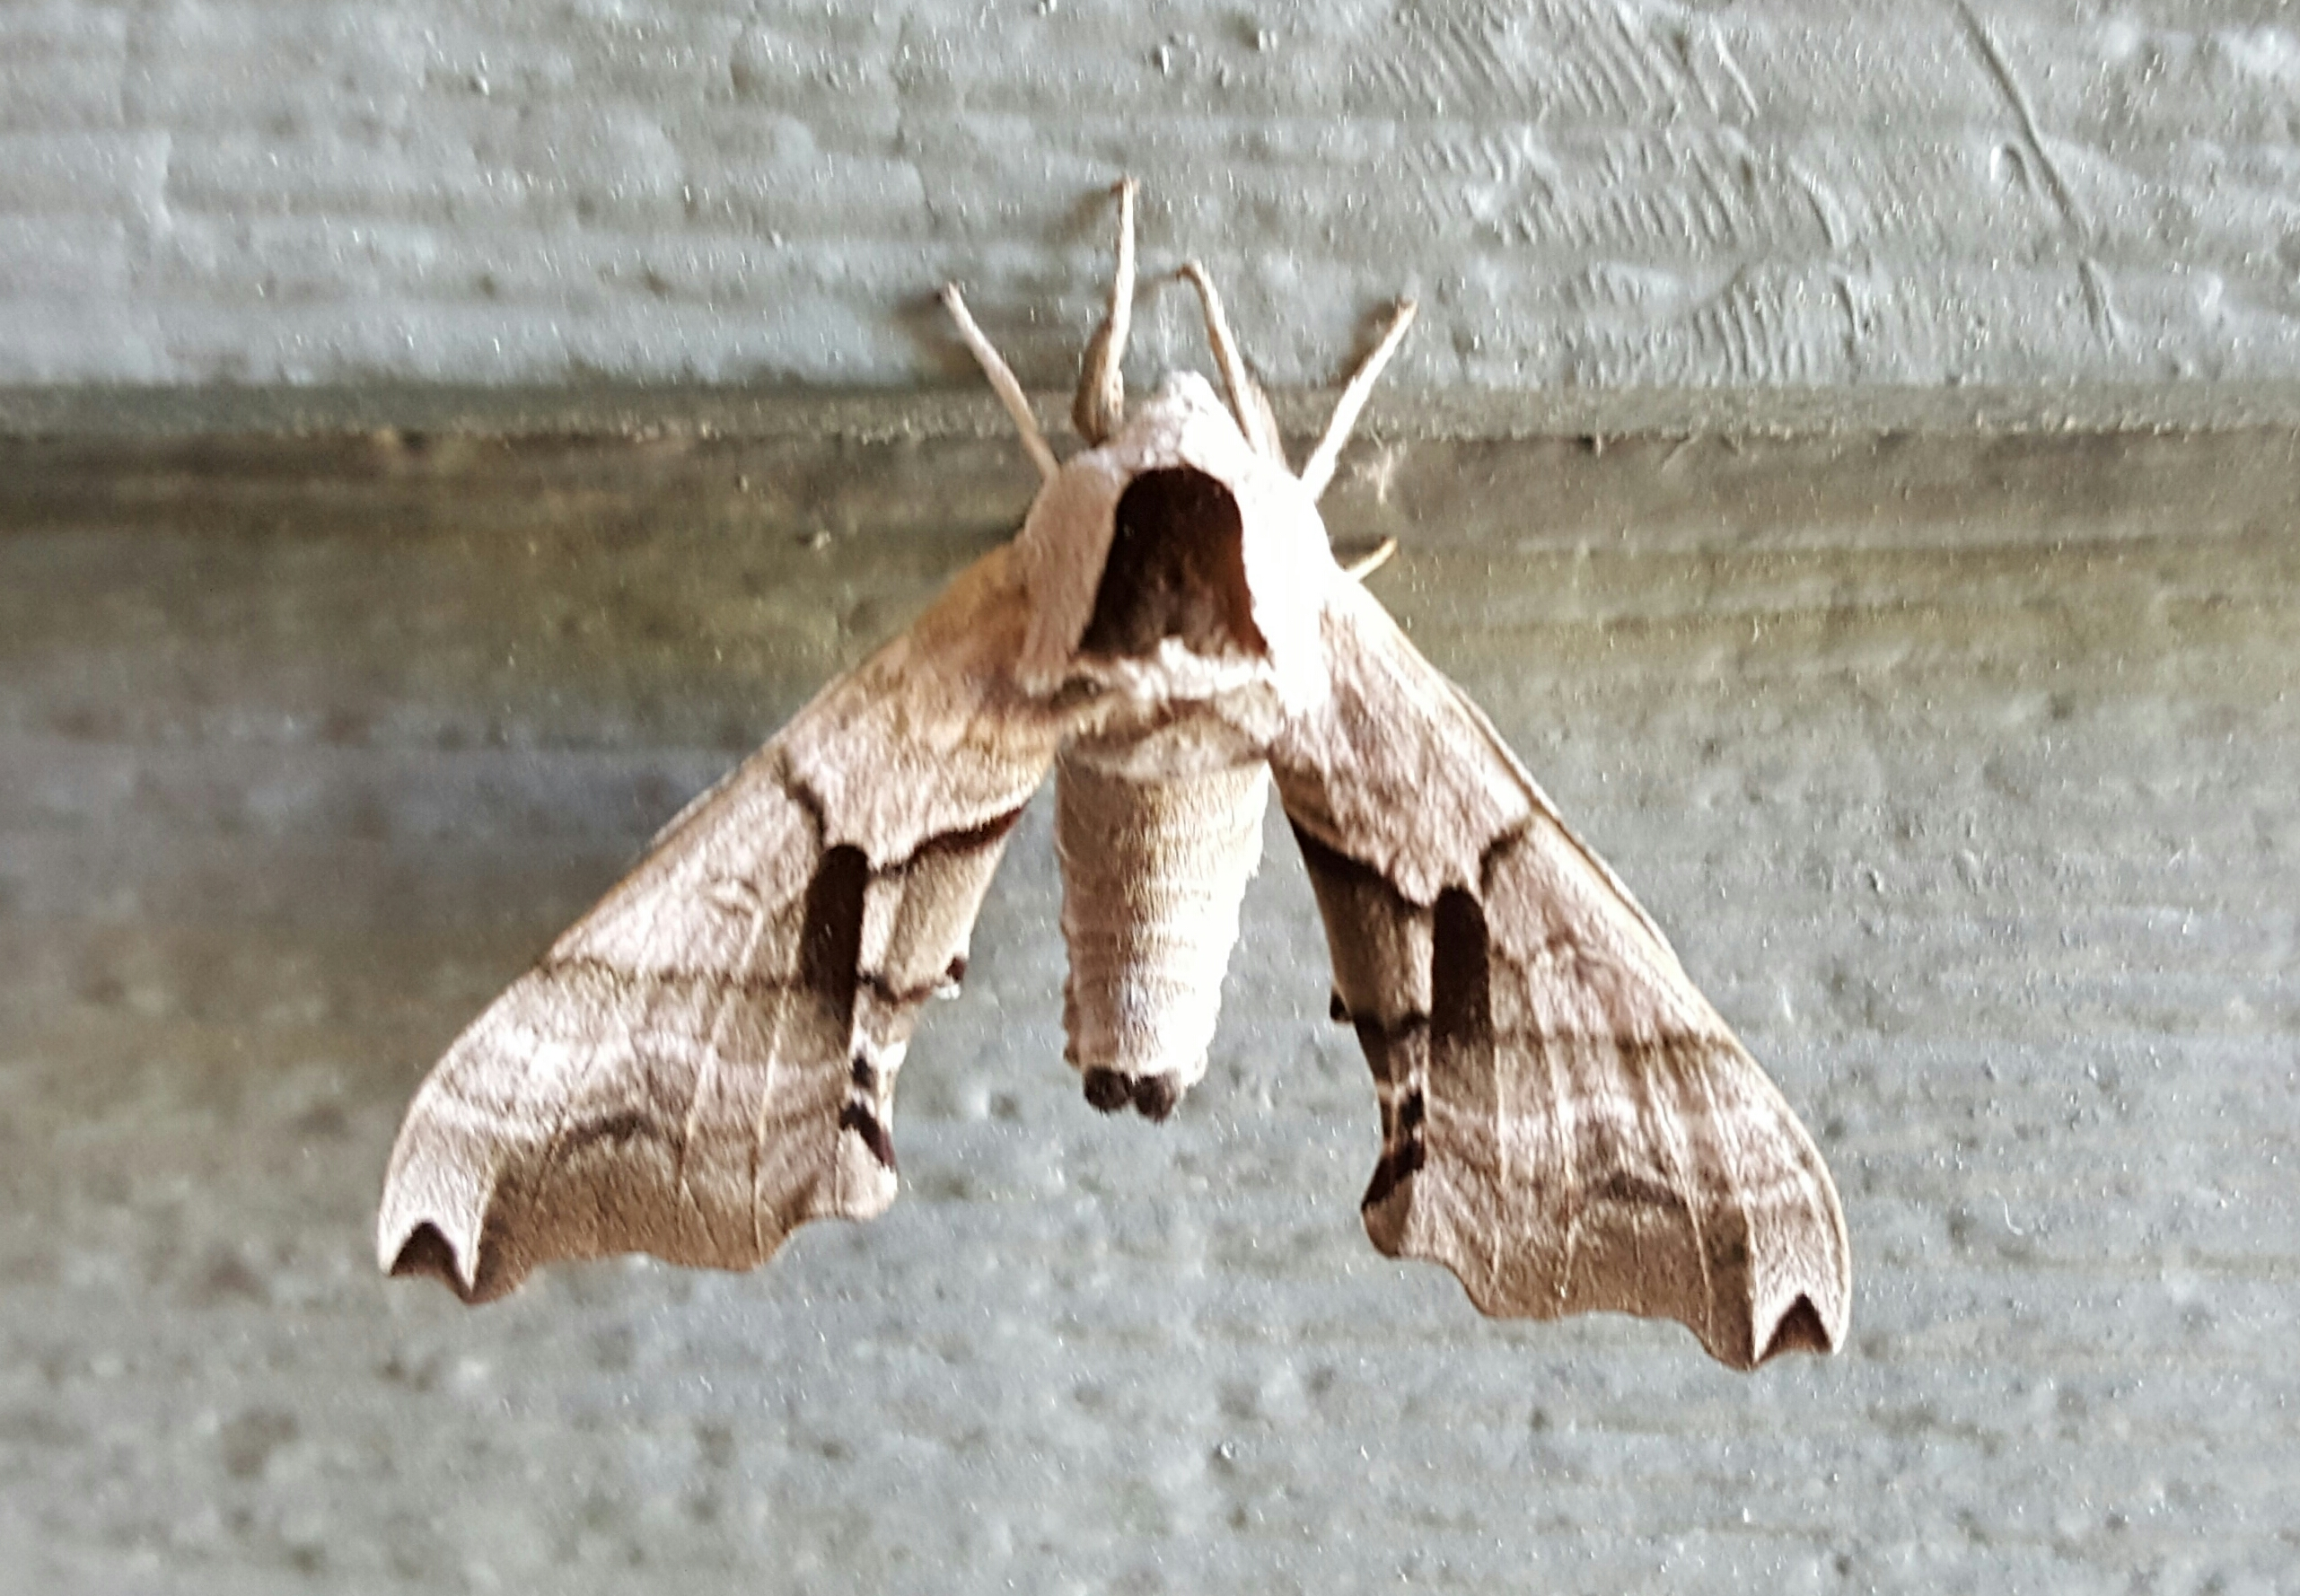 1980 Eyed Hawk-moth (Smerinthus ocellata)